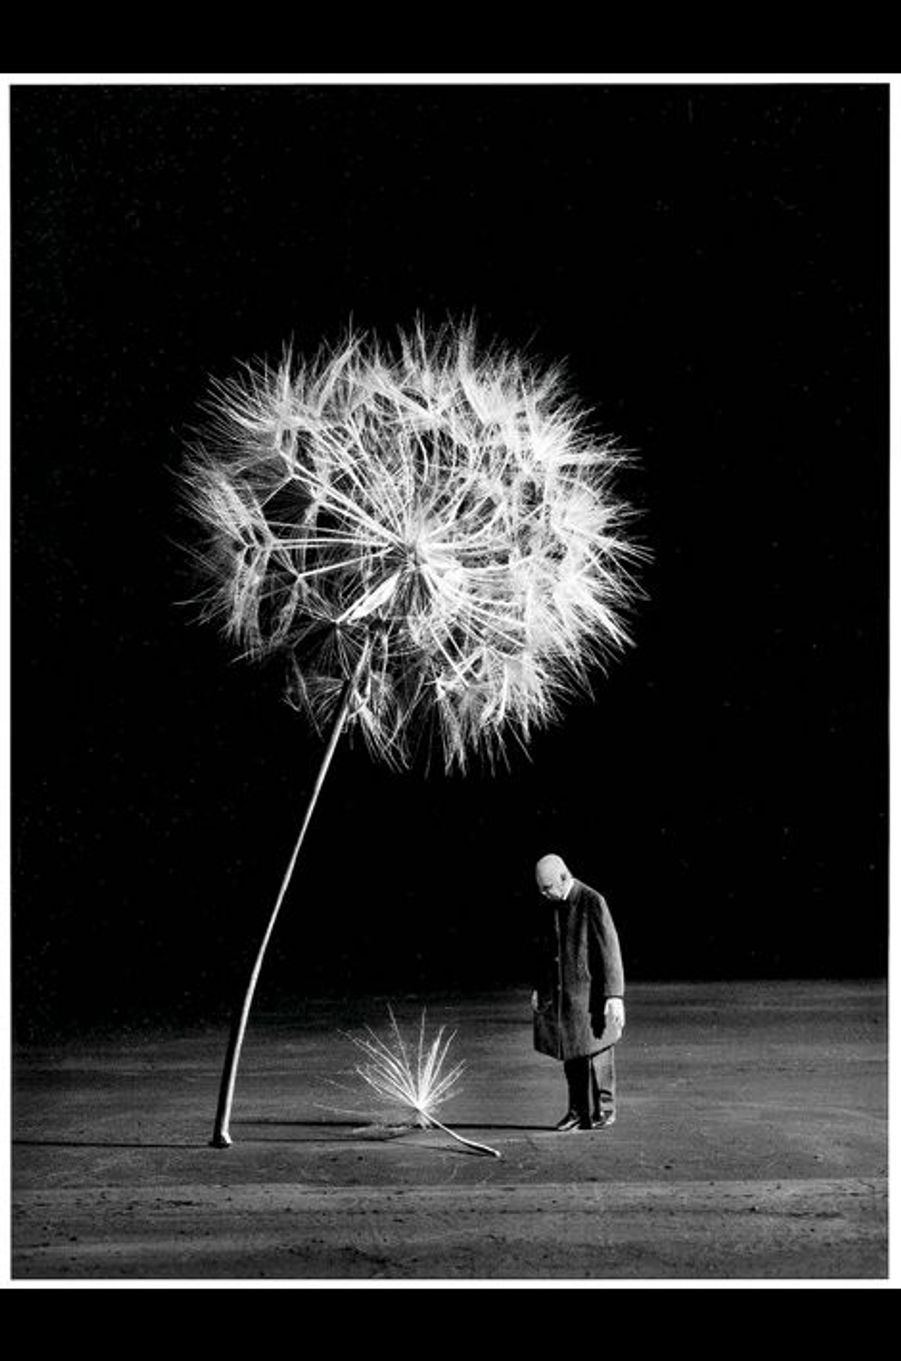 A 84 ans, ce «jeune» photographe ne cesse de produire depuis 1995. Ses photomontages offrent une réflexion sur l'amour et le couple, la vie et la mort. En transformant avec humour et malice des expressions figurées en images étonnantes, il parvient à décrocher la lune.